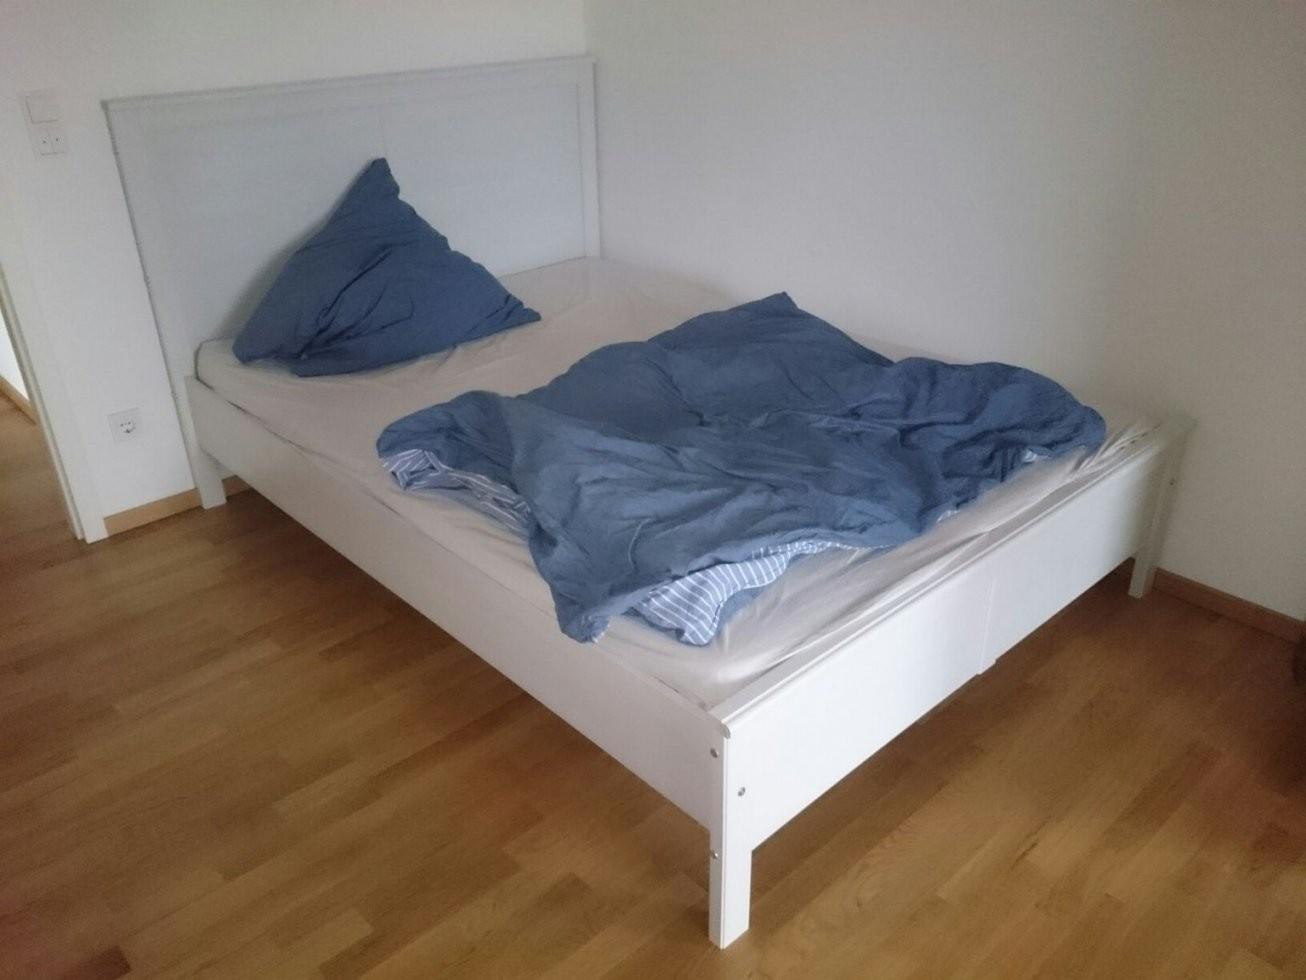 Gebraucht Ikea Bett 160X200 Mit Matratze & Lattenrost In 63067 von Bett 160X200 Gebraucht Photo